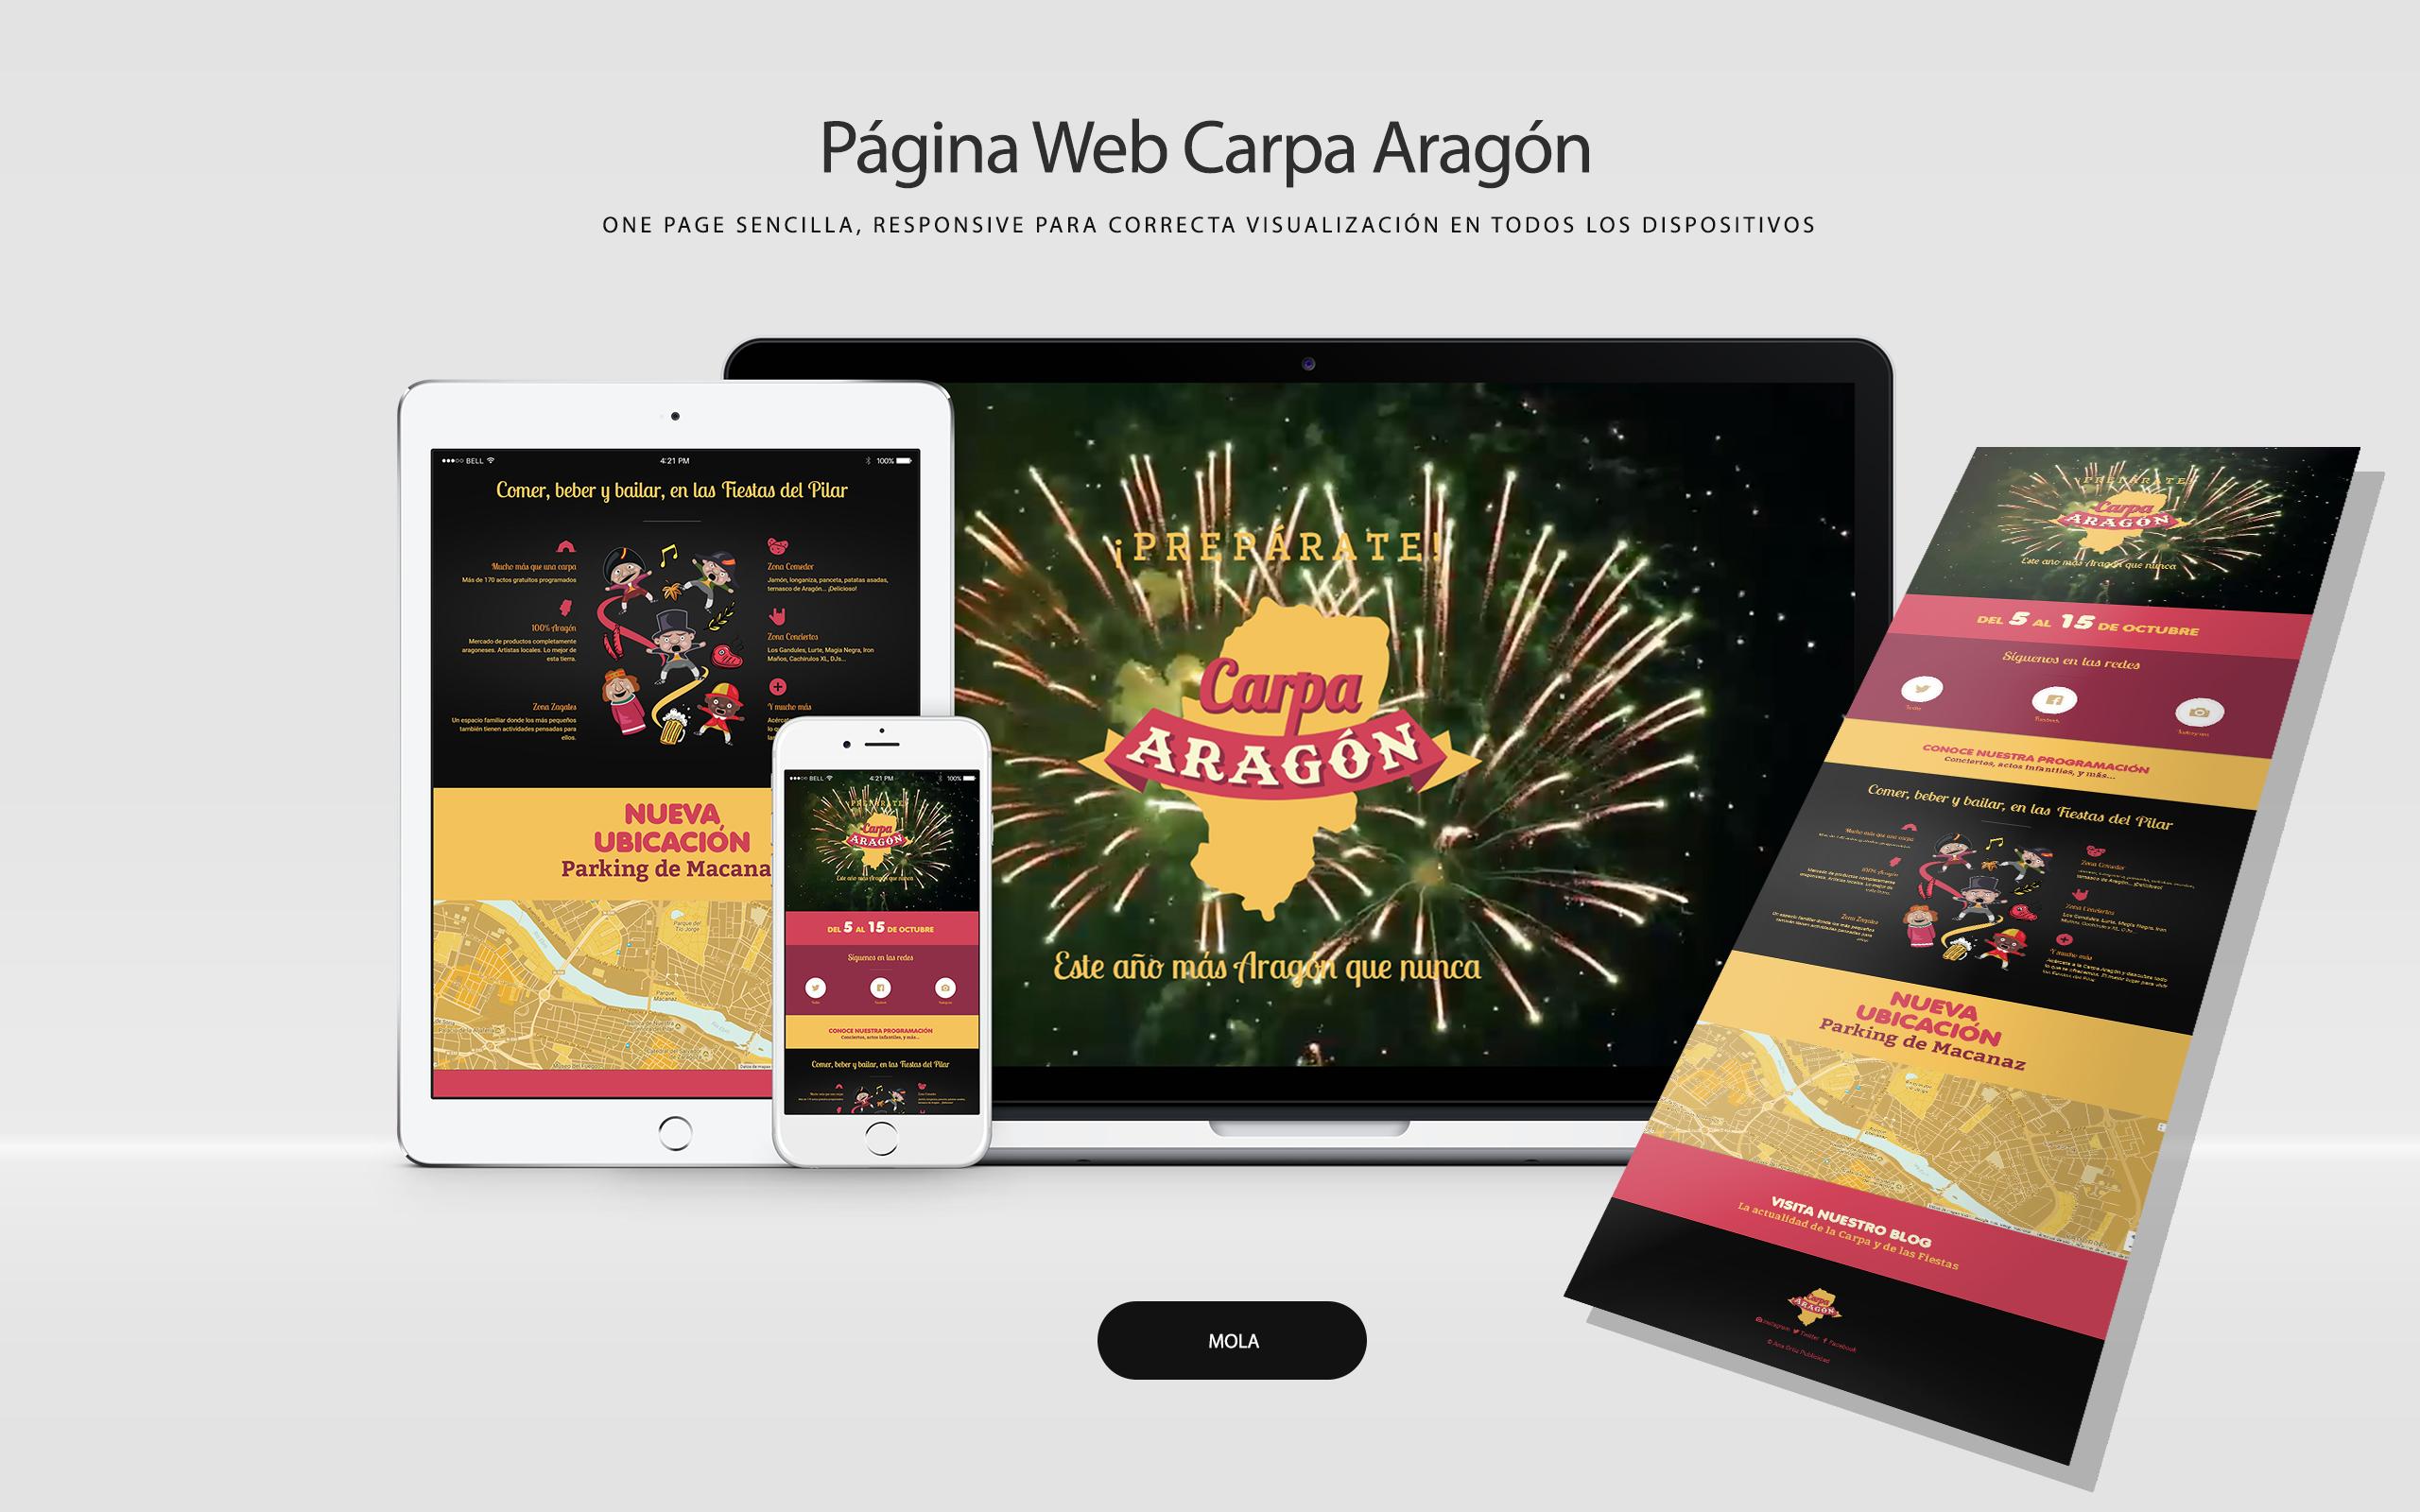 Página web Carpa Aragón